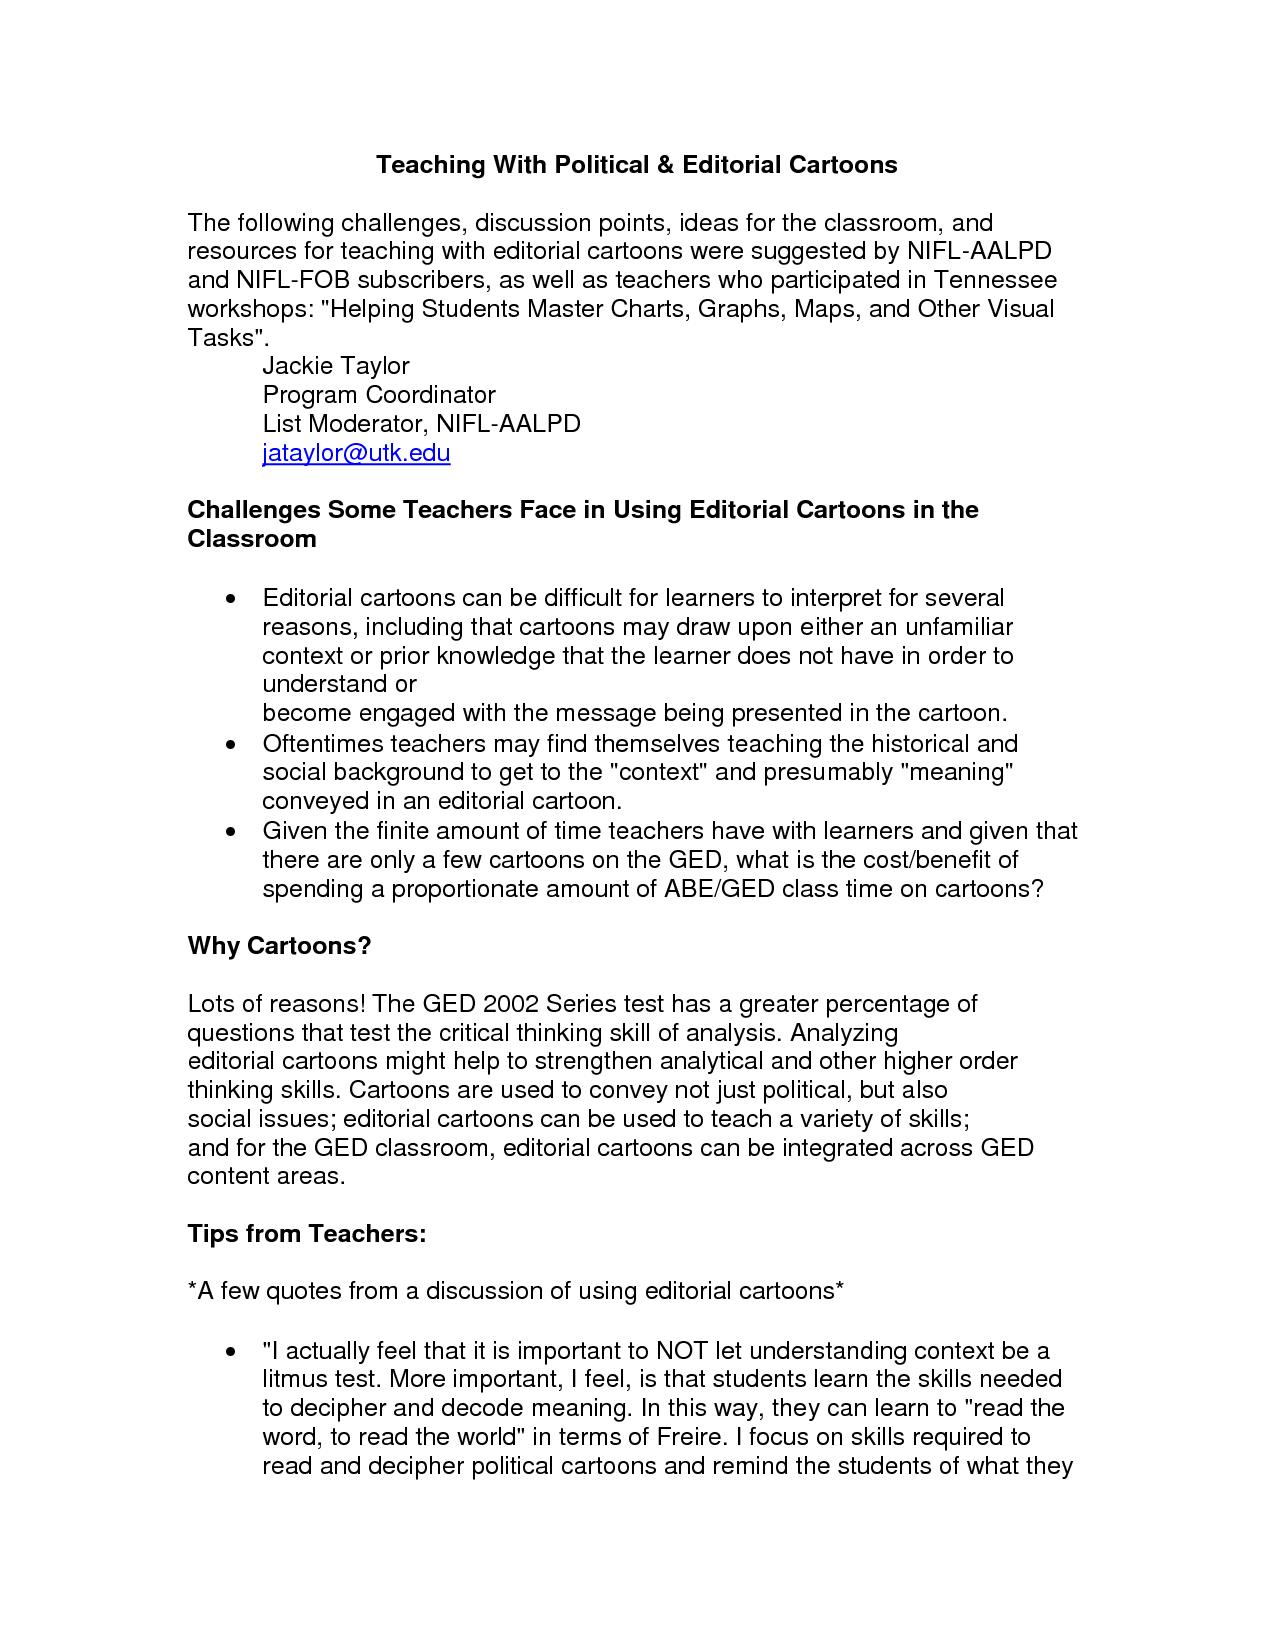 √ Free Printable Ged Worksheets Free Worksheets Library - Free Printable Ged Science Worksheets